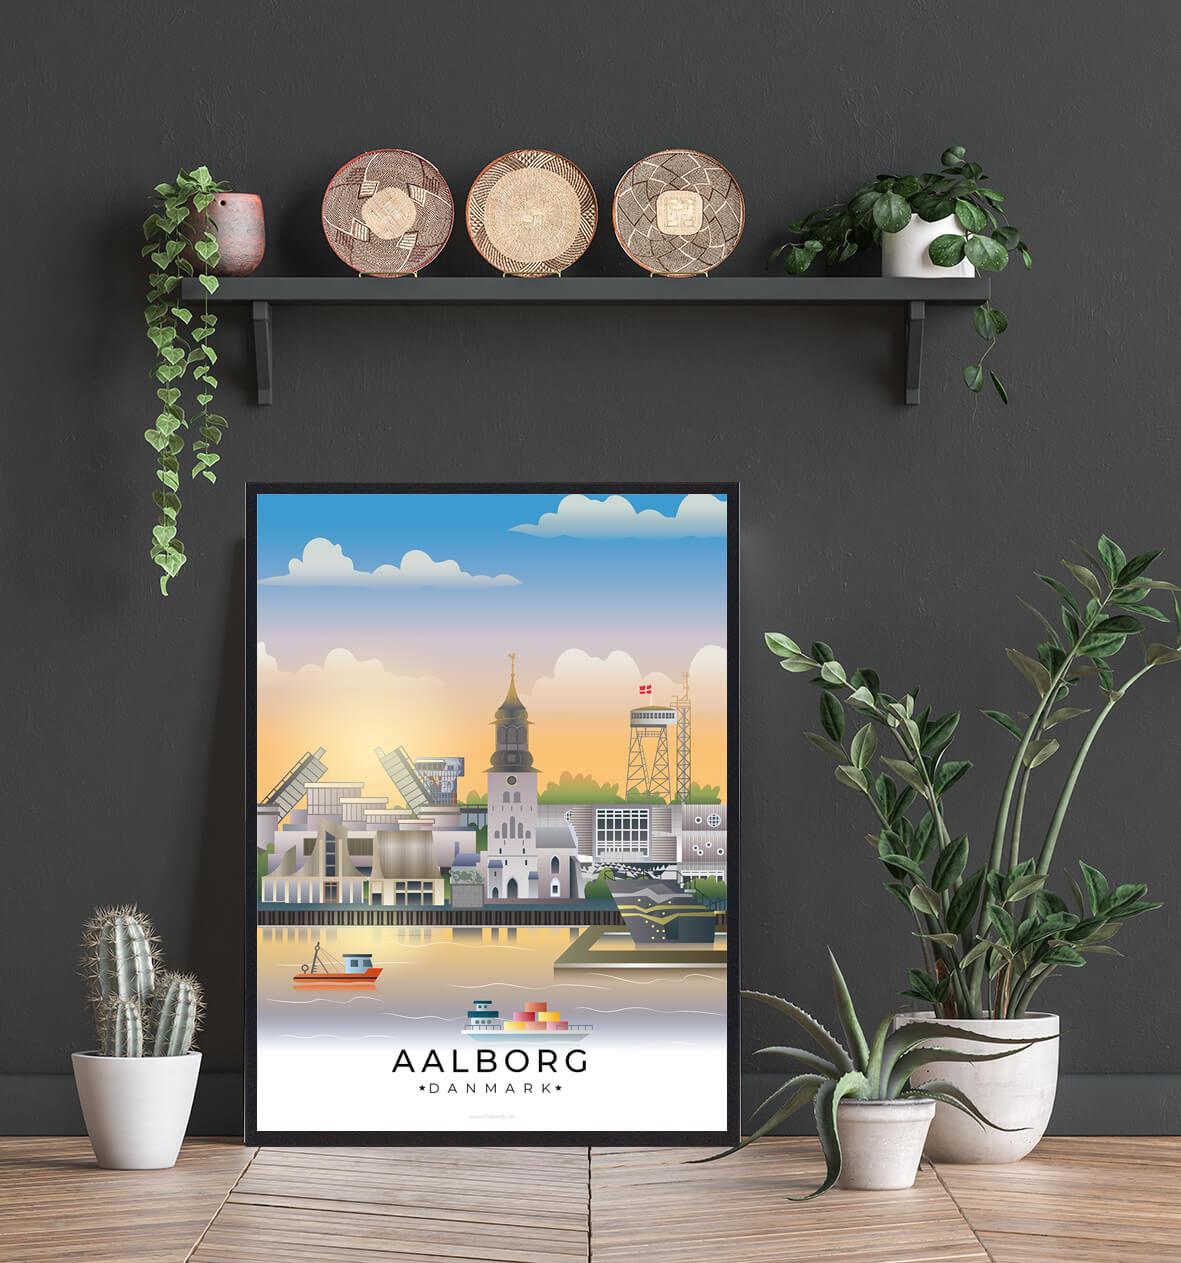 Aalborg-byplakat